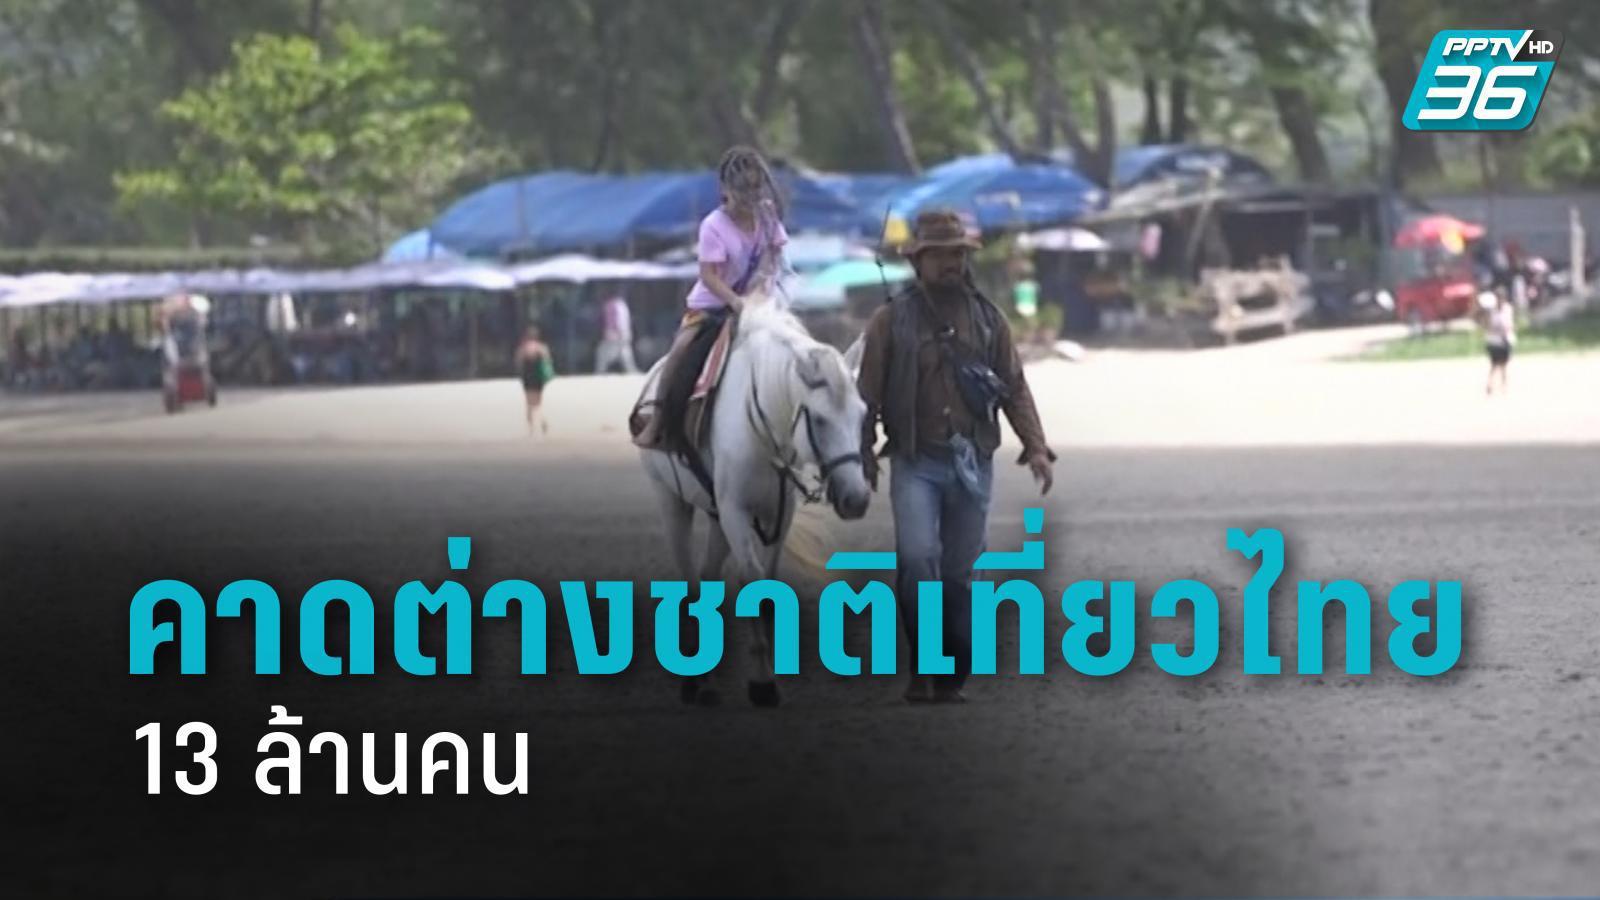 ททท.คงคาดการณ์ต่างชาติเที่ยวไทย 13 ล้านคน